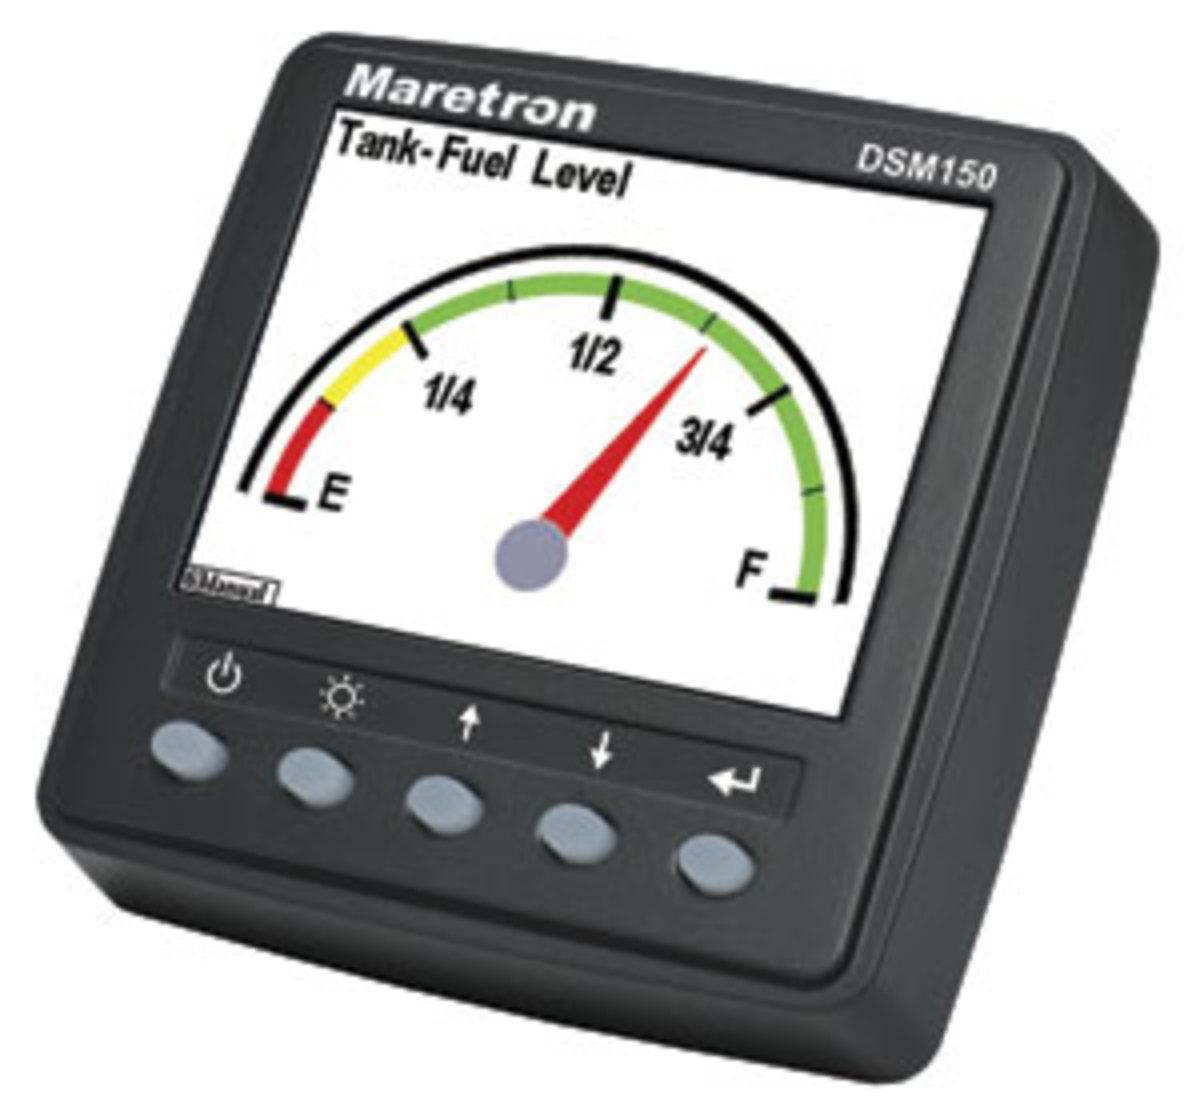 Maretron DSM150